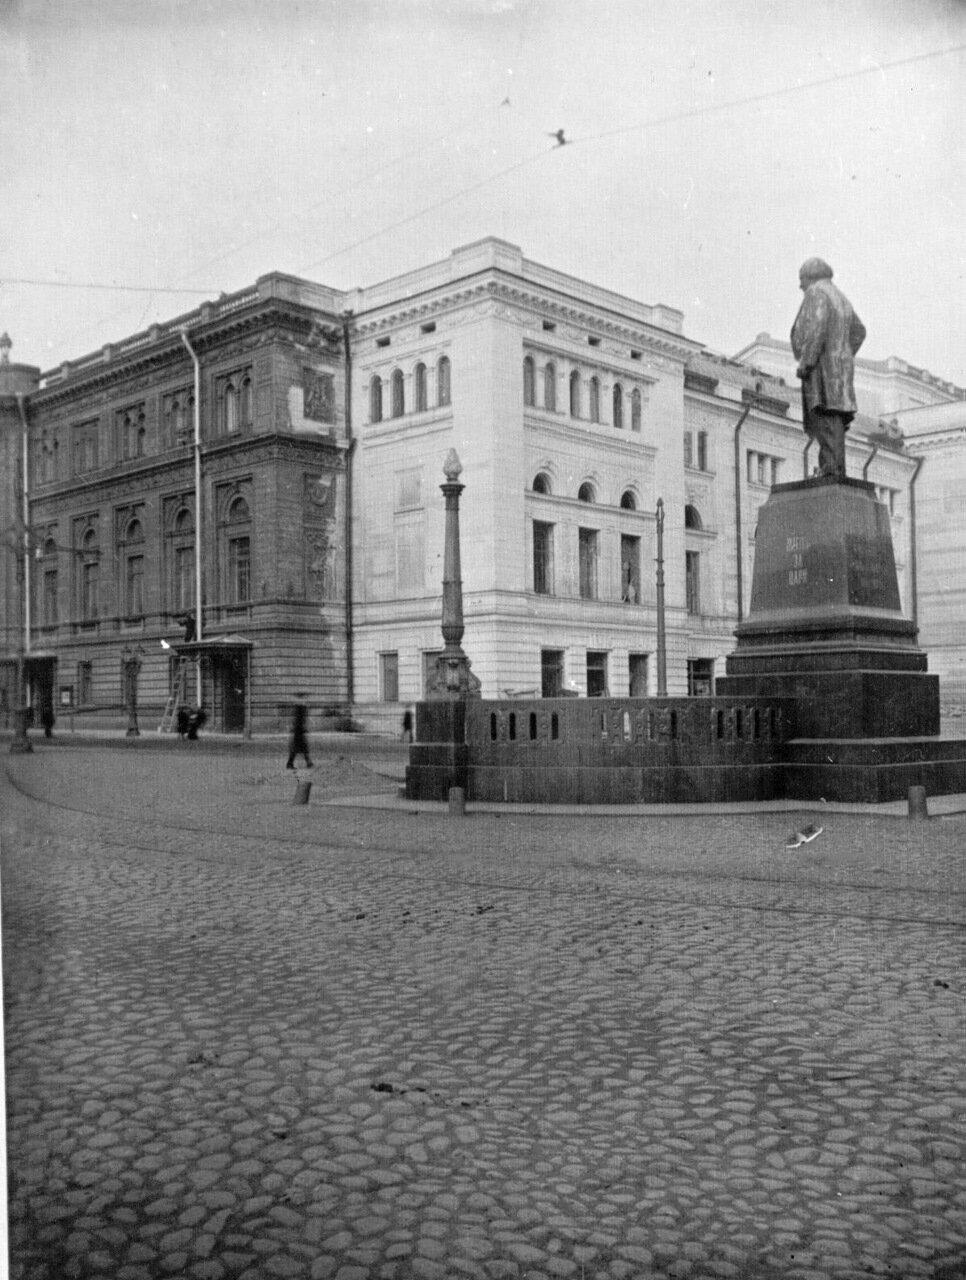 02. Внешний вид здания консерватории и памятника М.И.Глинке